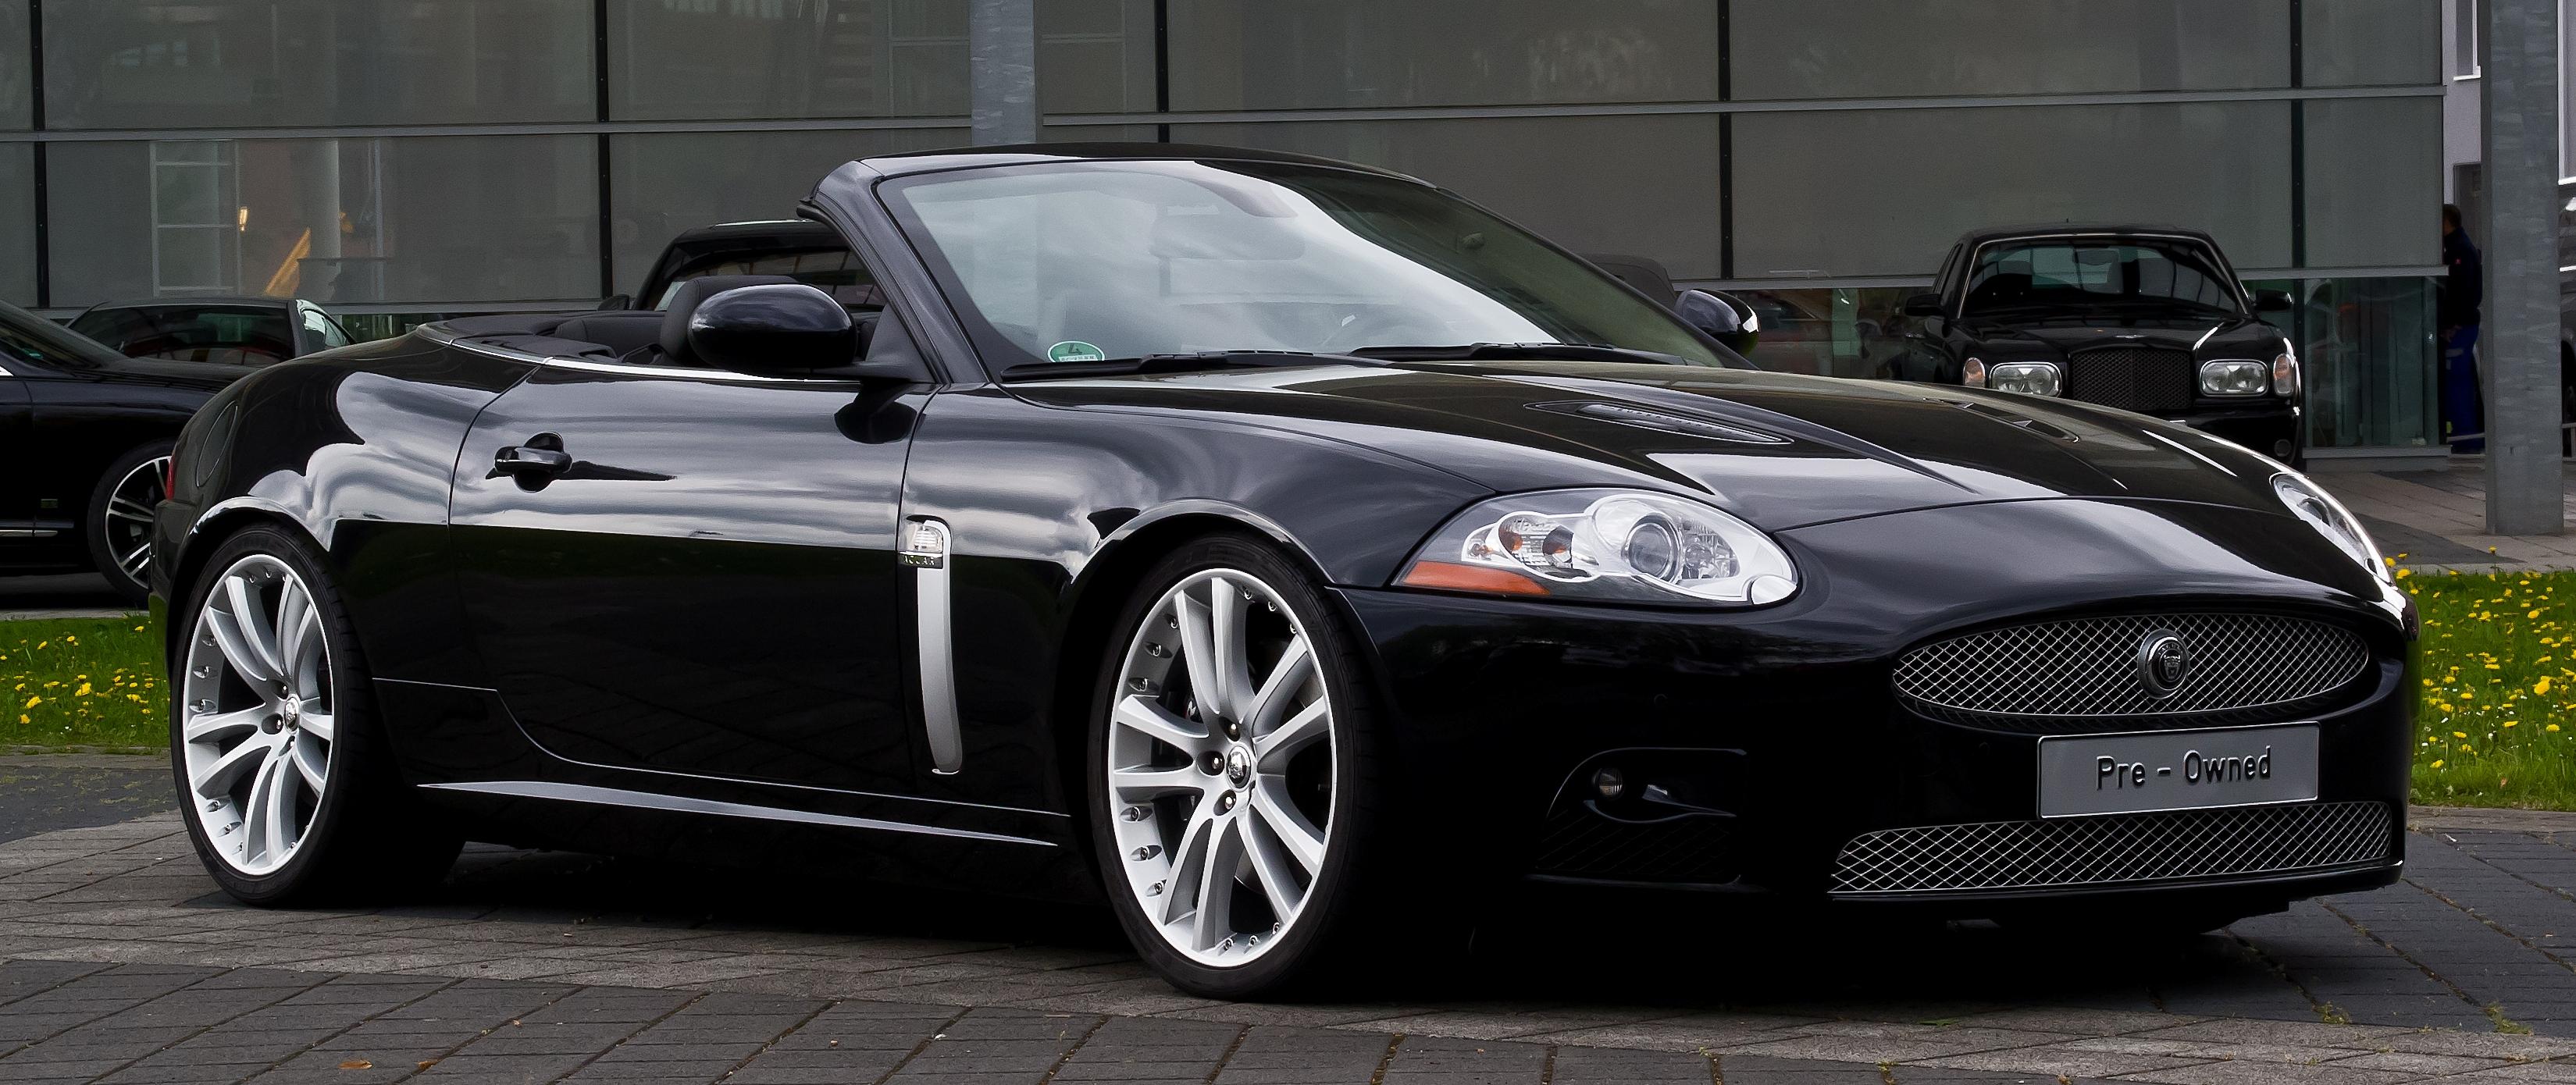 Rudys Autotek - Jaguar XKR Cabriolet